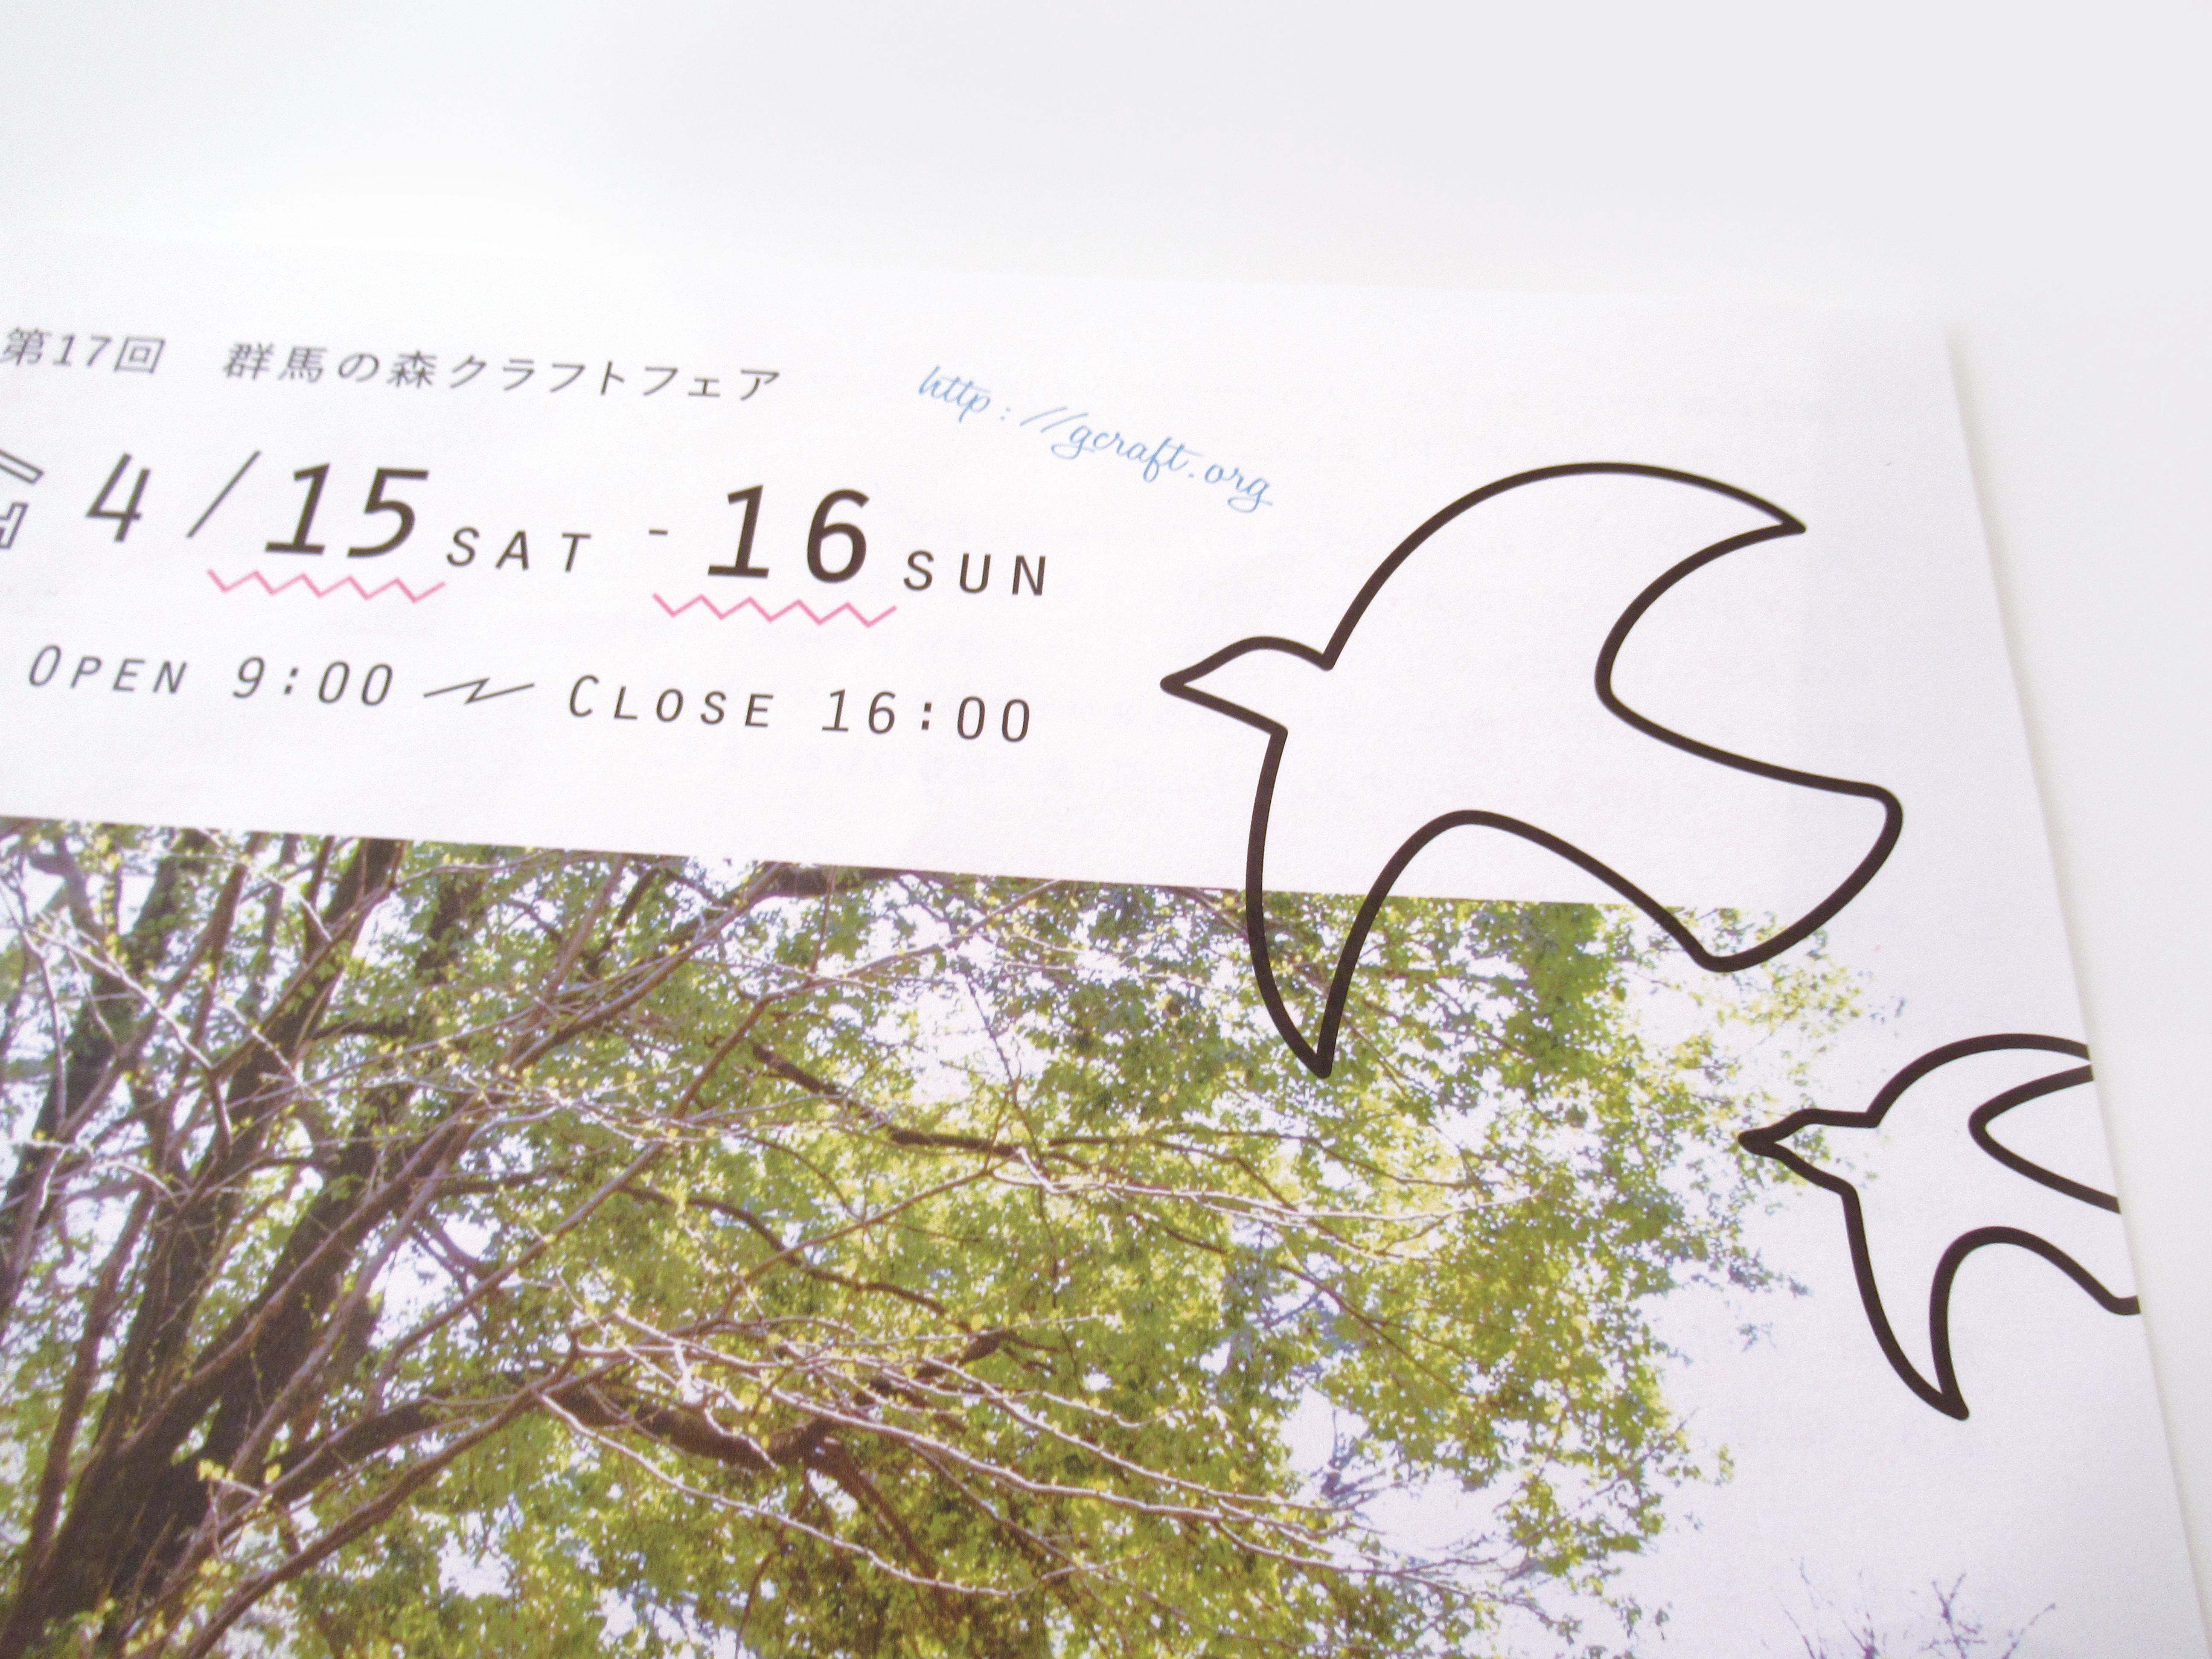 群馬の森クラフトフェア